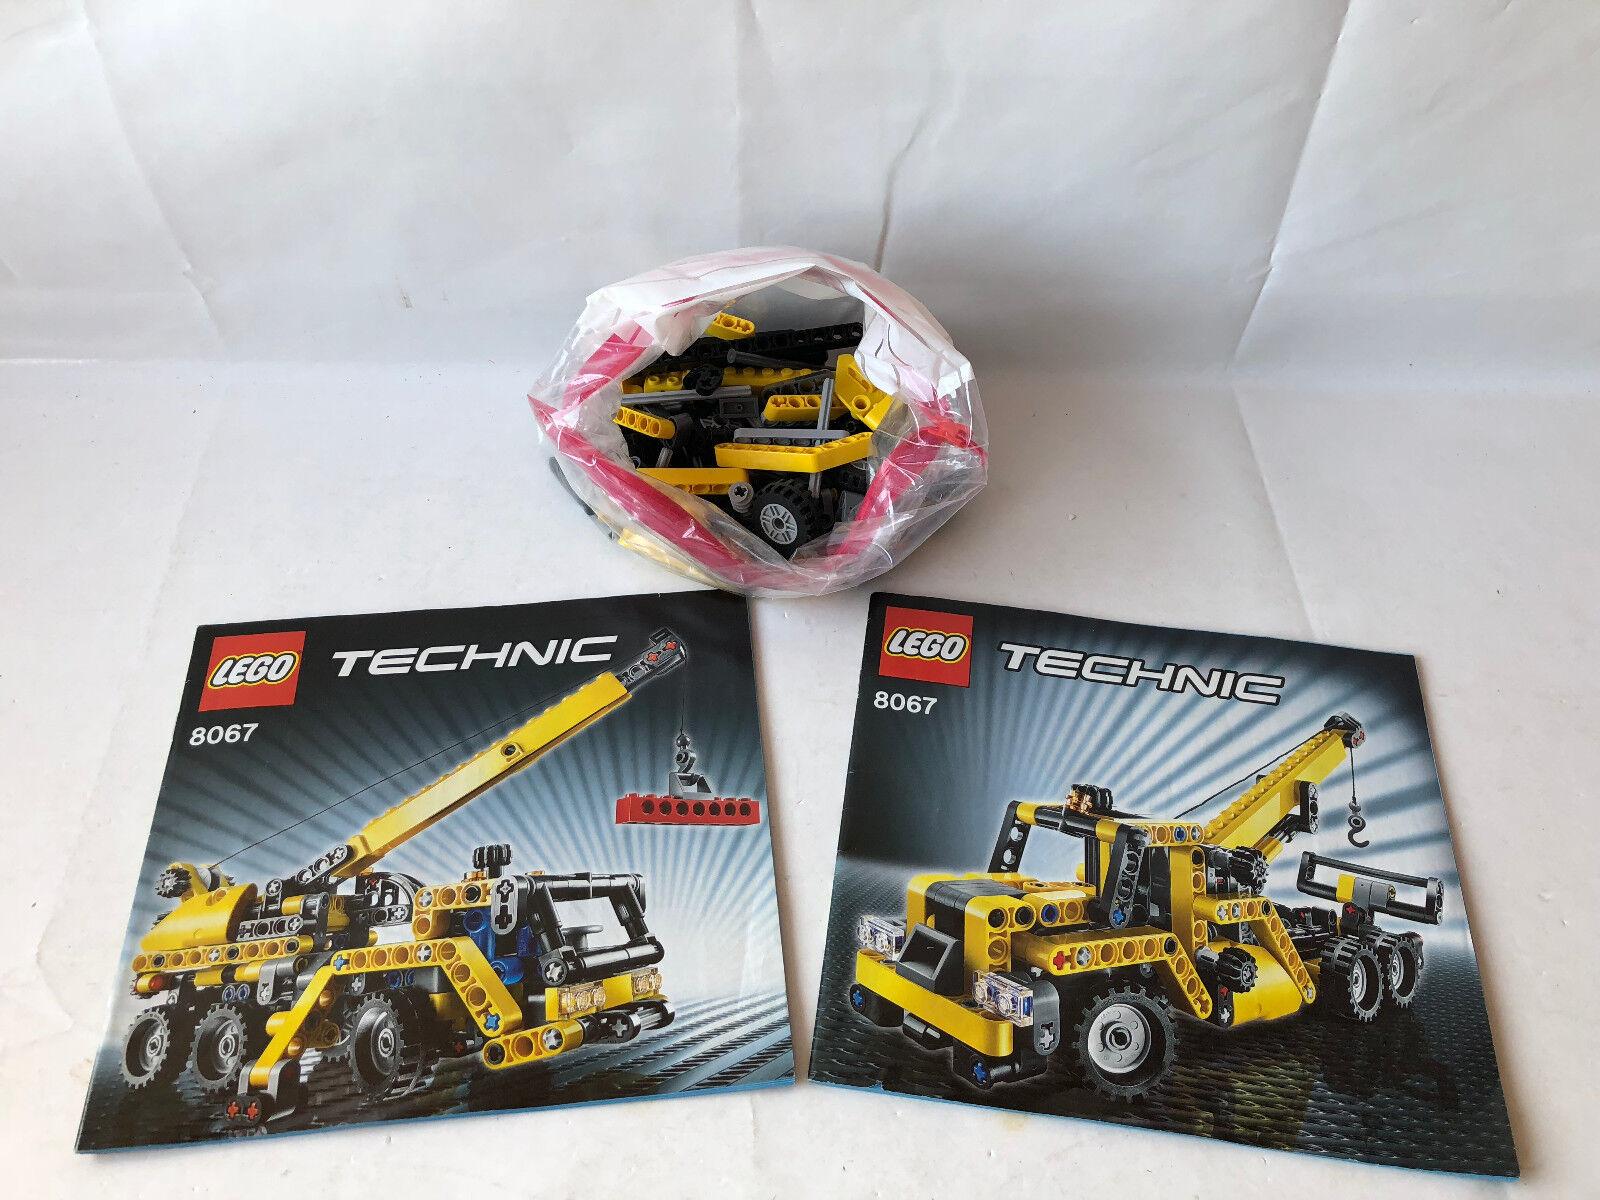 LEGO Technik Mobiler Mini-Kran - Set Set Set 8067 - Abschlepper - komplett & zerlegt 4a5d8e